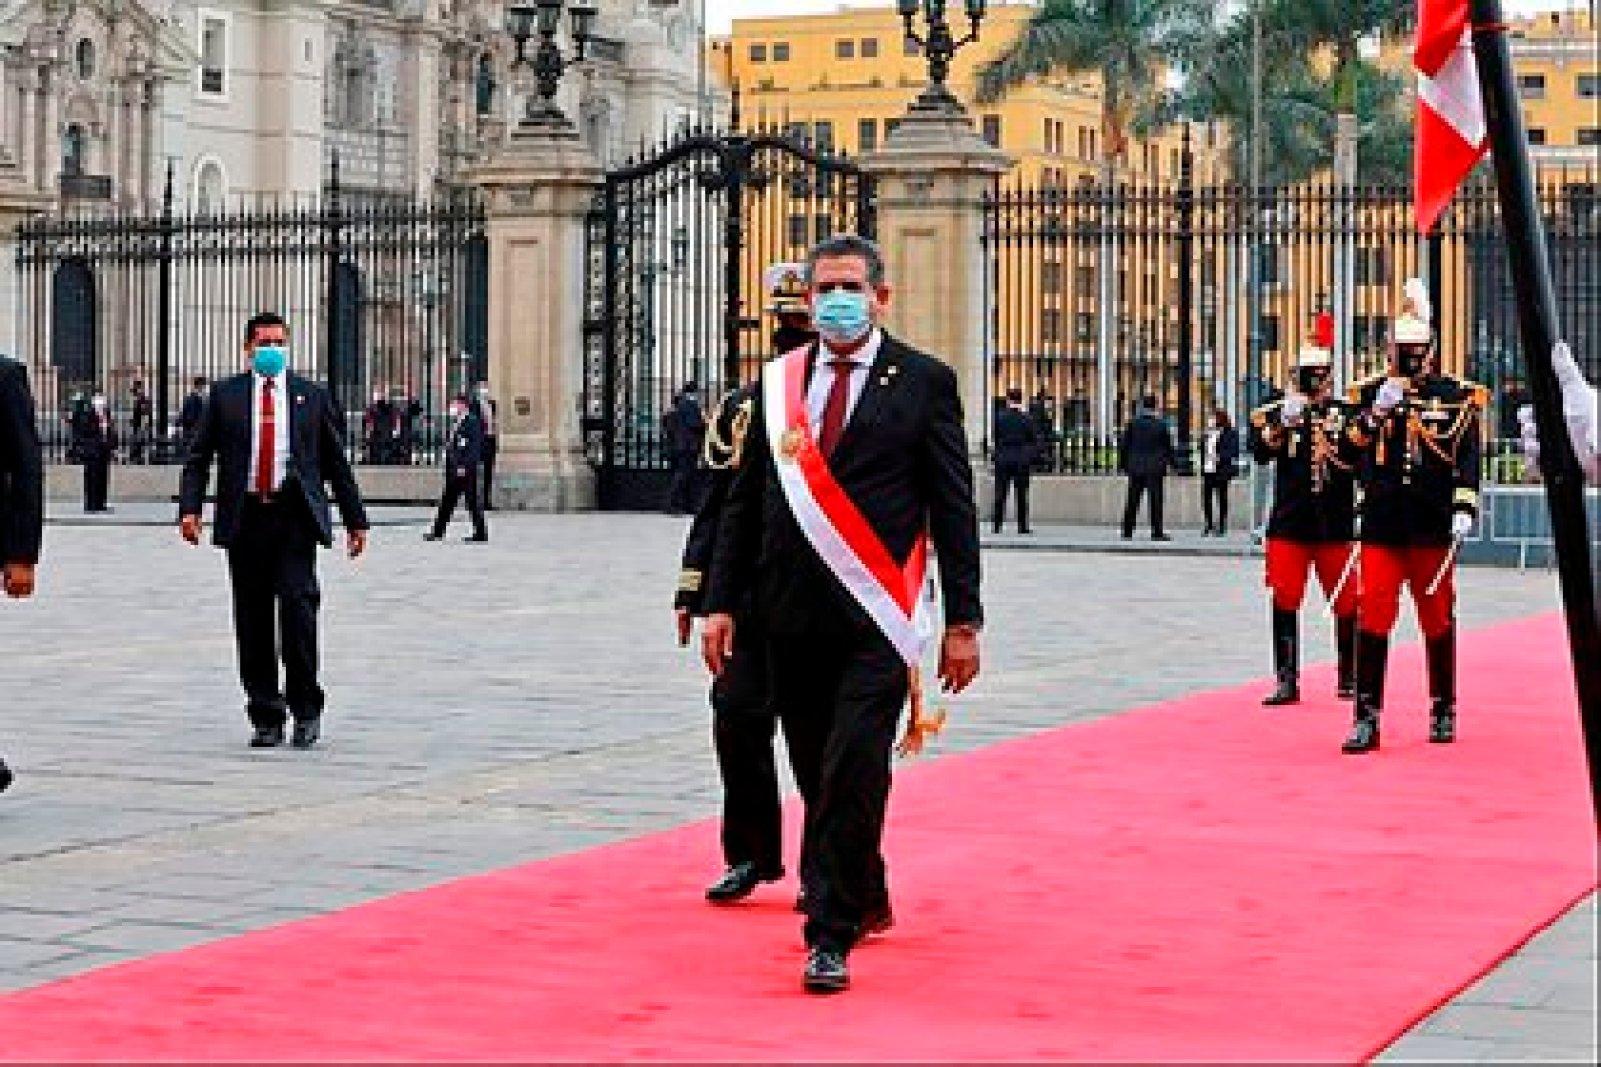 Fotografía cedida por el Congreso de la República de Perú que muestra a Manuel Merino de Lama al salir de la ceremonia de investidura como presidente de Perú. EFE/Cortesía Congreso de Perú